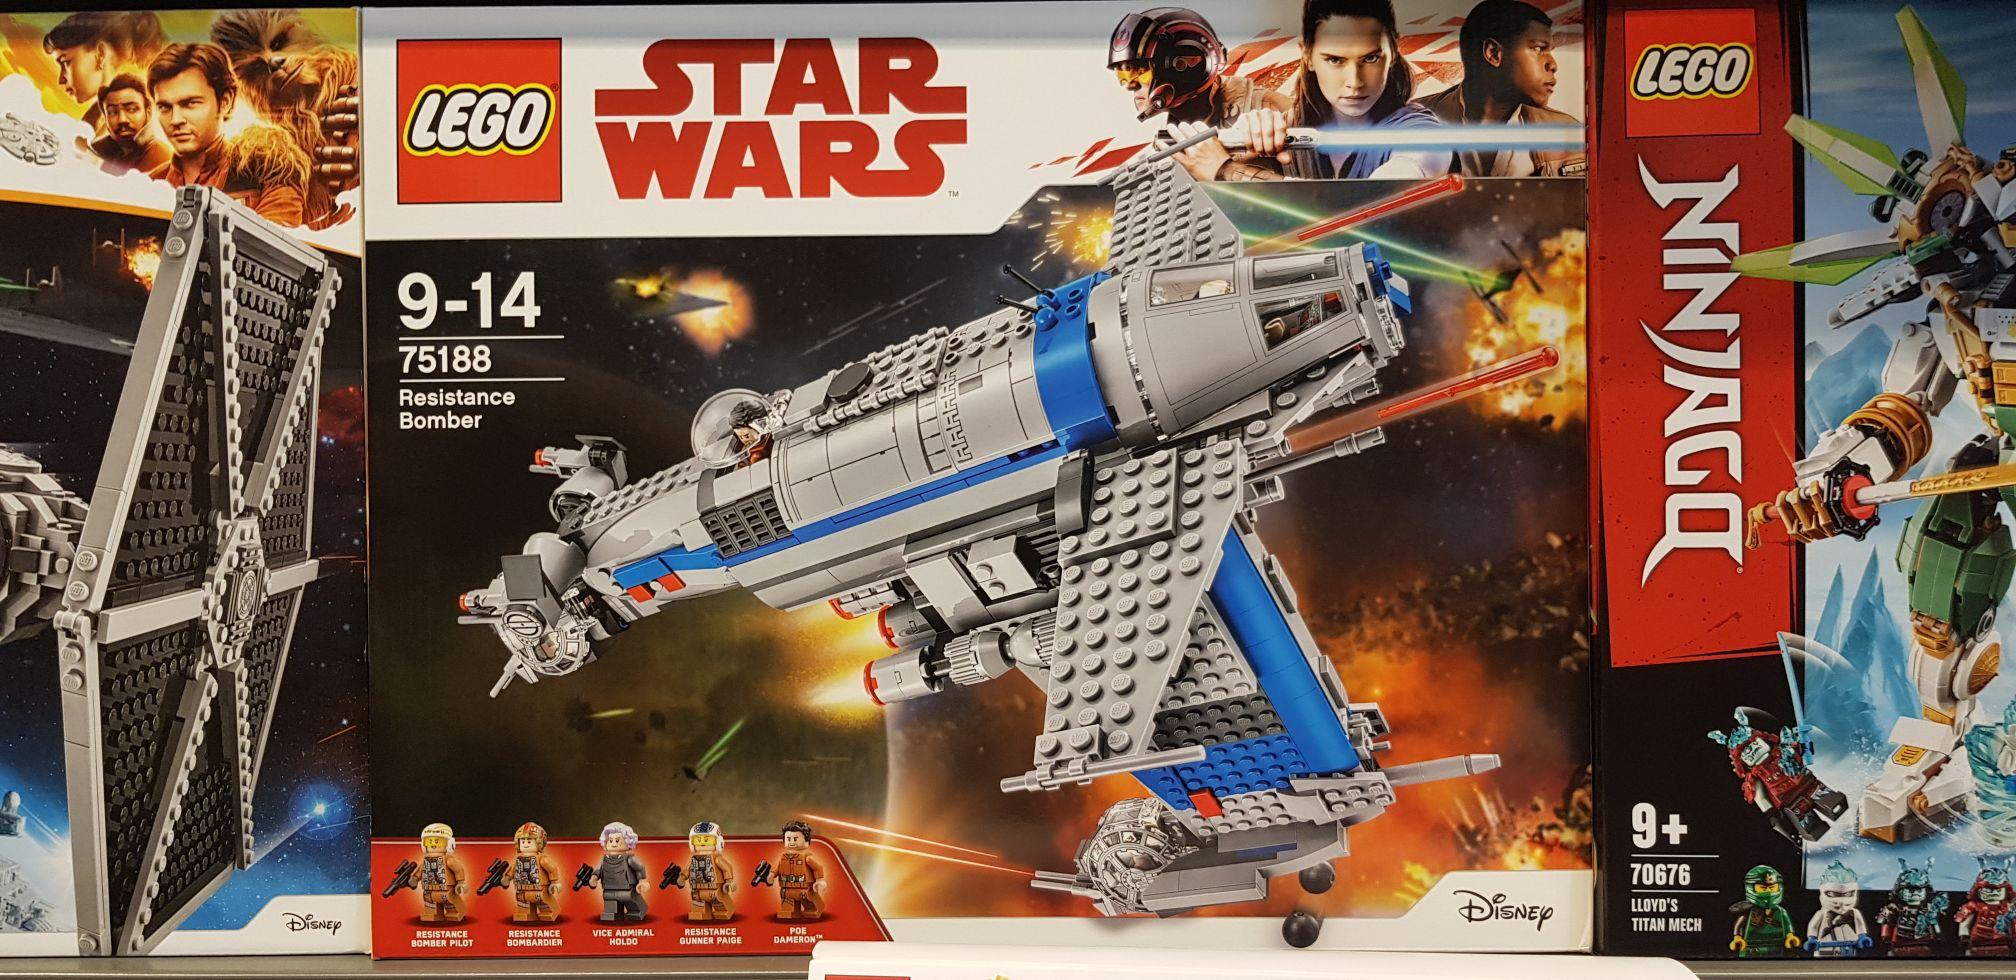 Lego Star Wars Bombowiec ruch oporu Selgros Szczecin